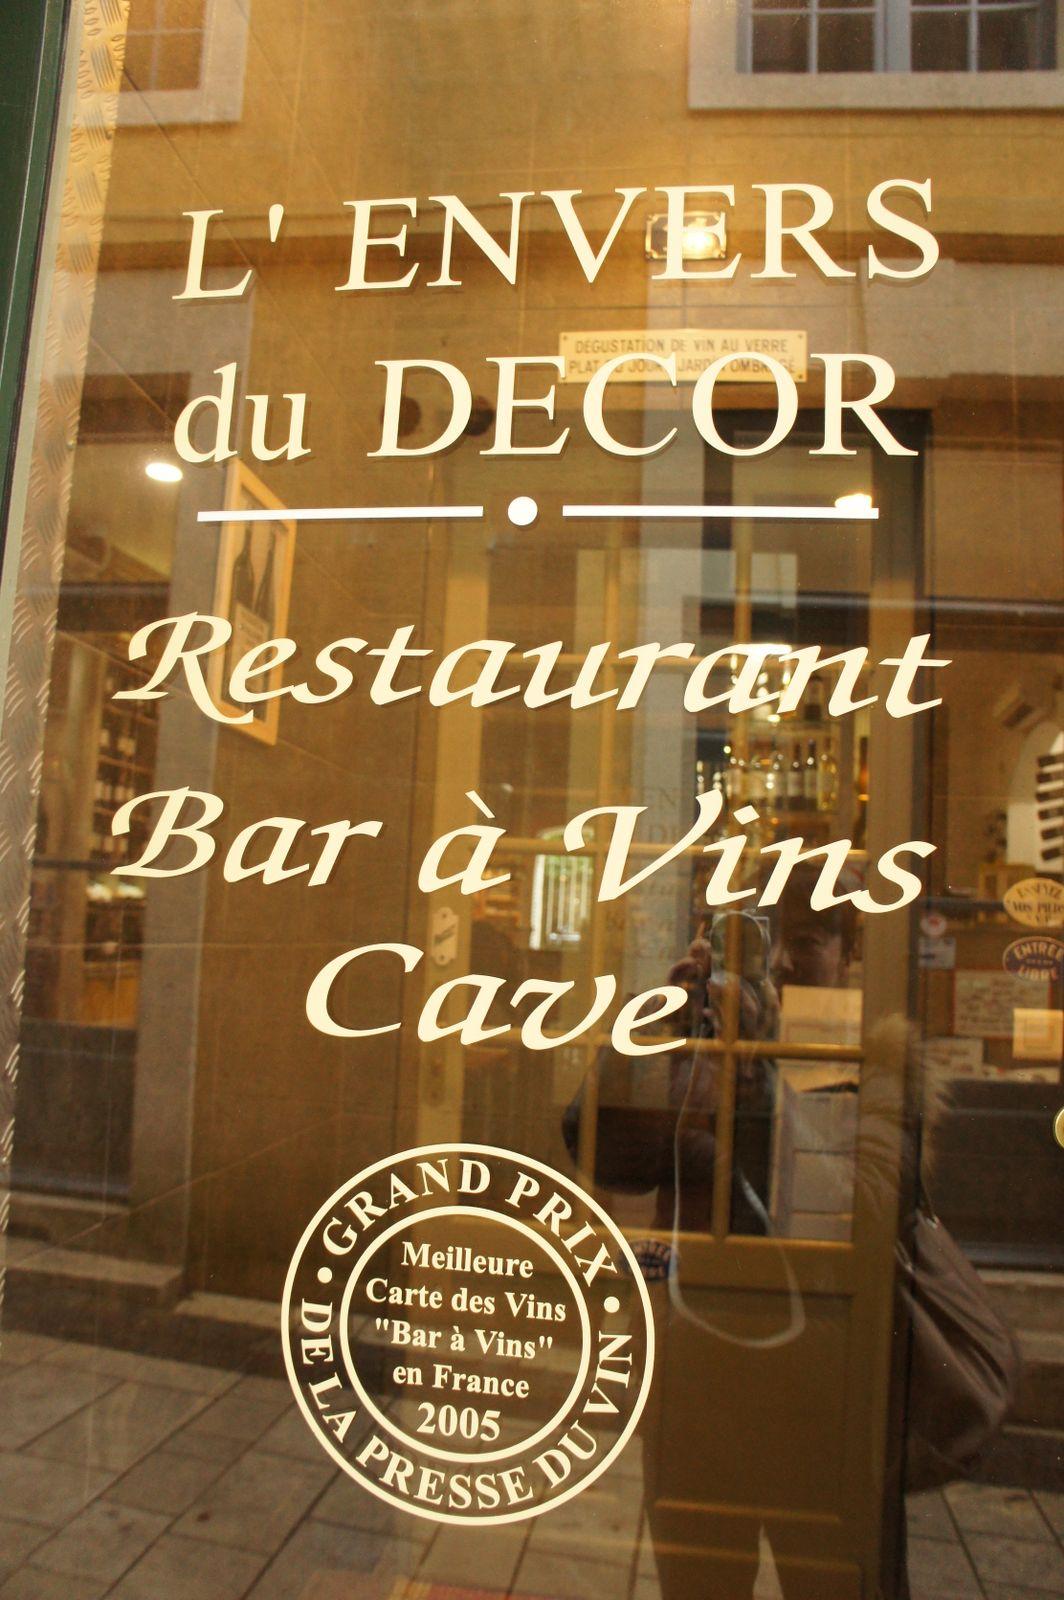 ワインは楽しい飲みものです ボルドー&パリ l envers du decor